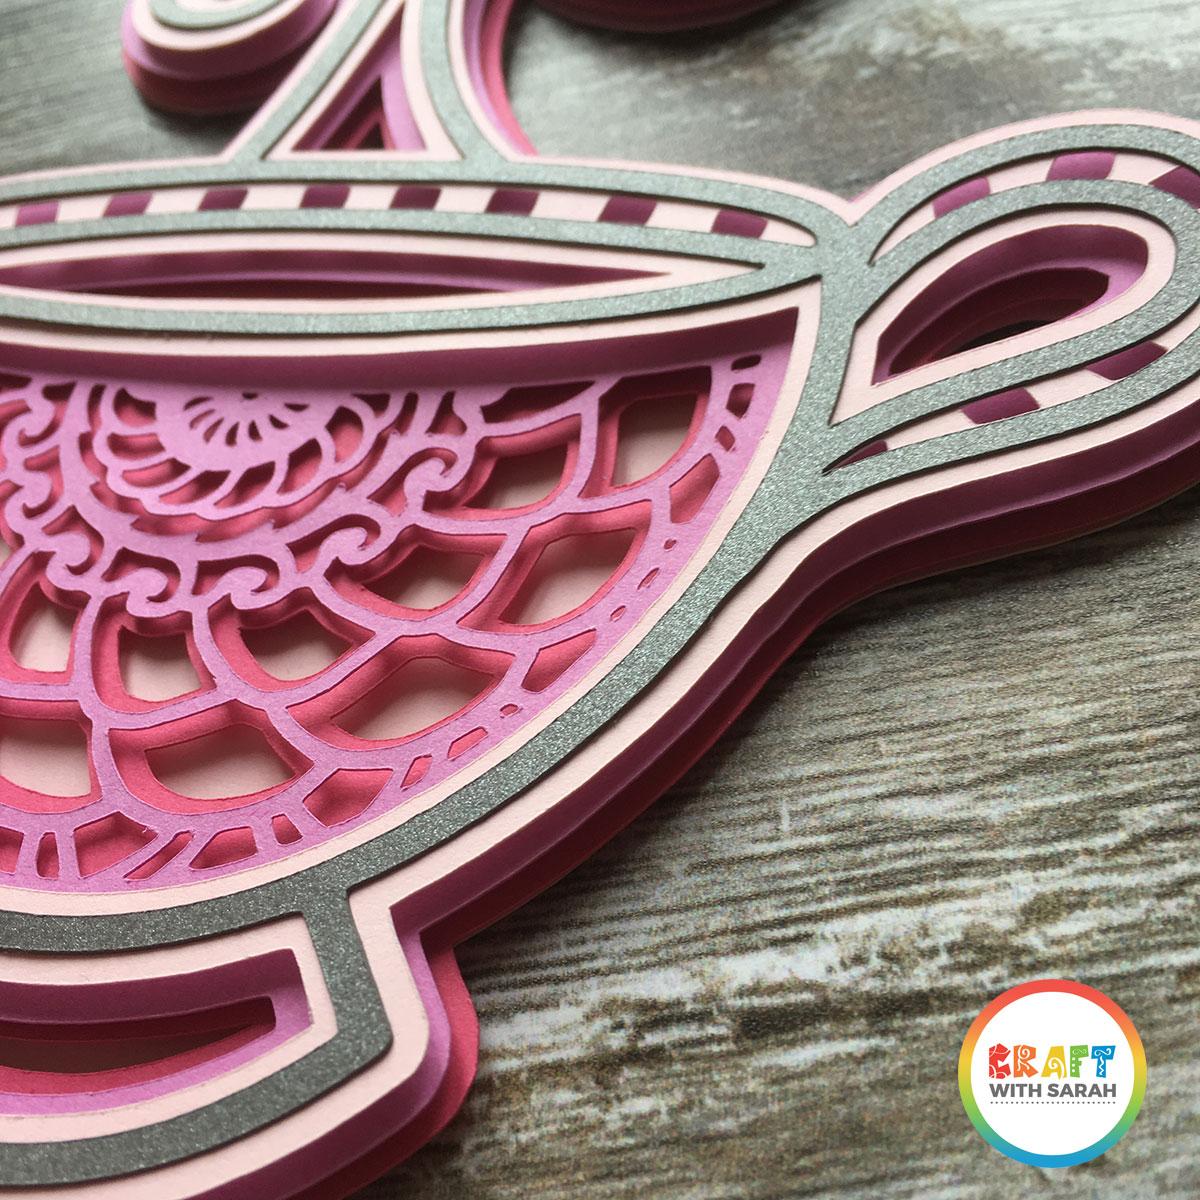 Mandala teacup close up